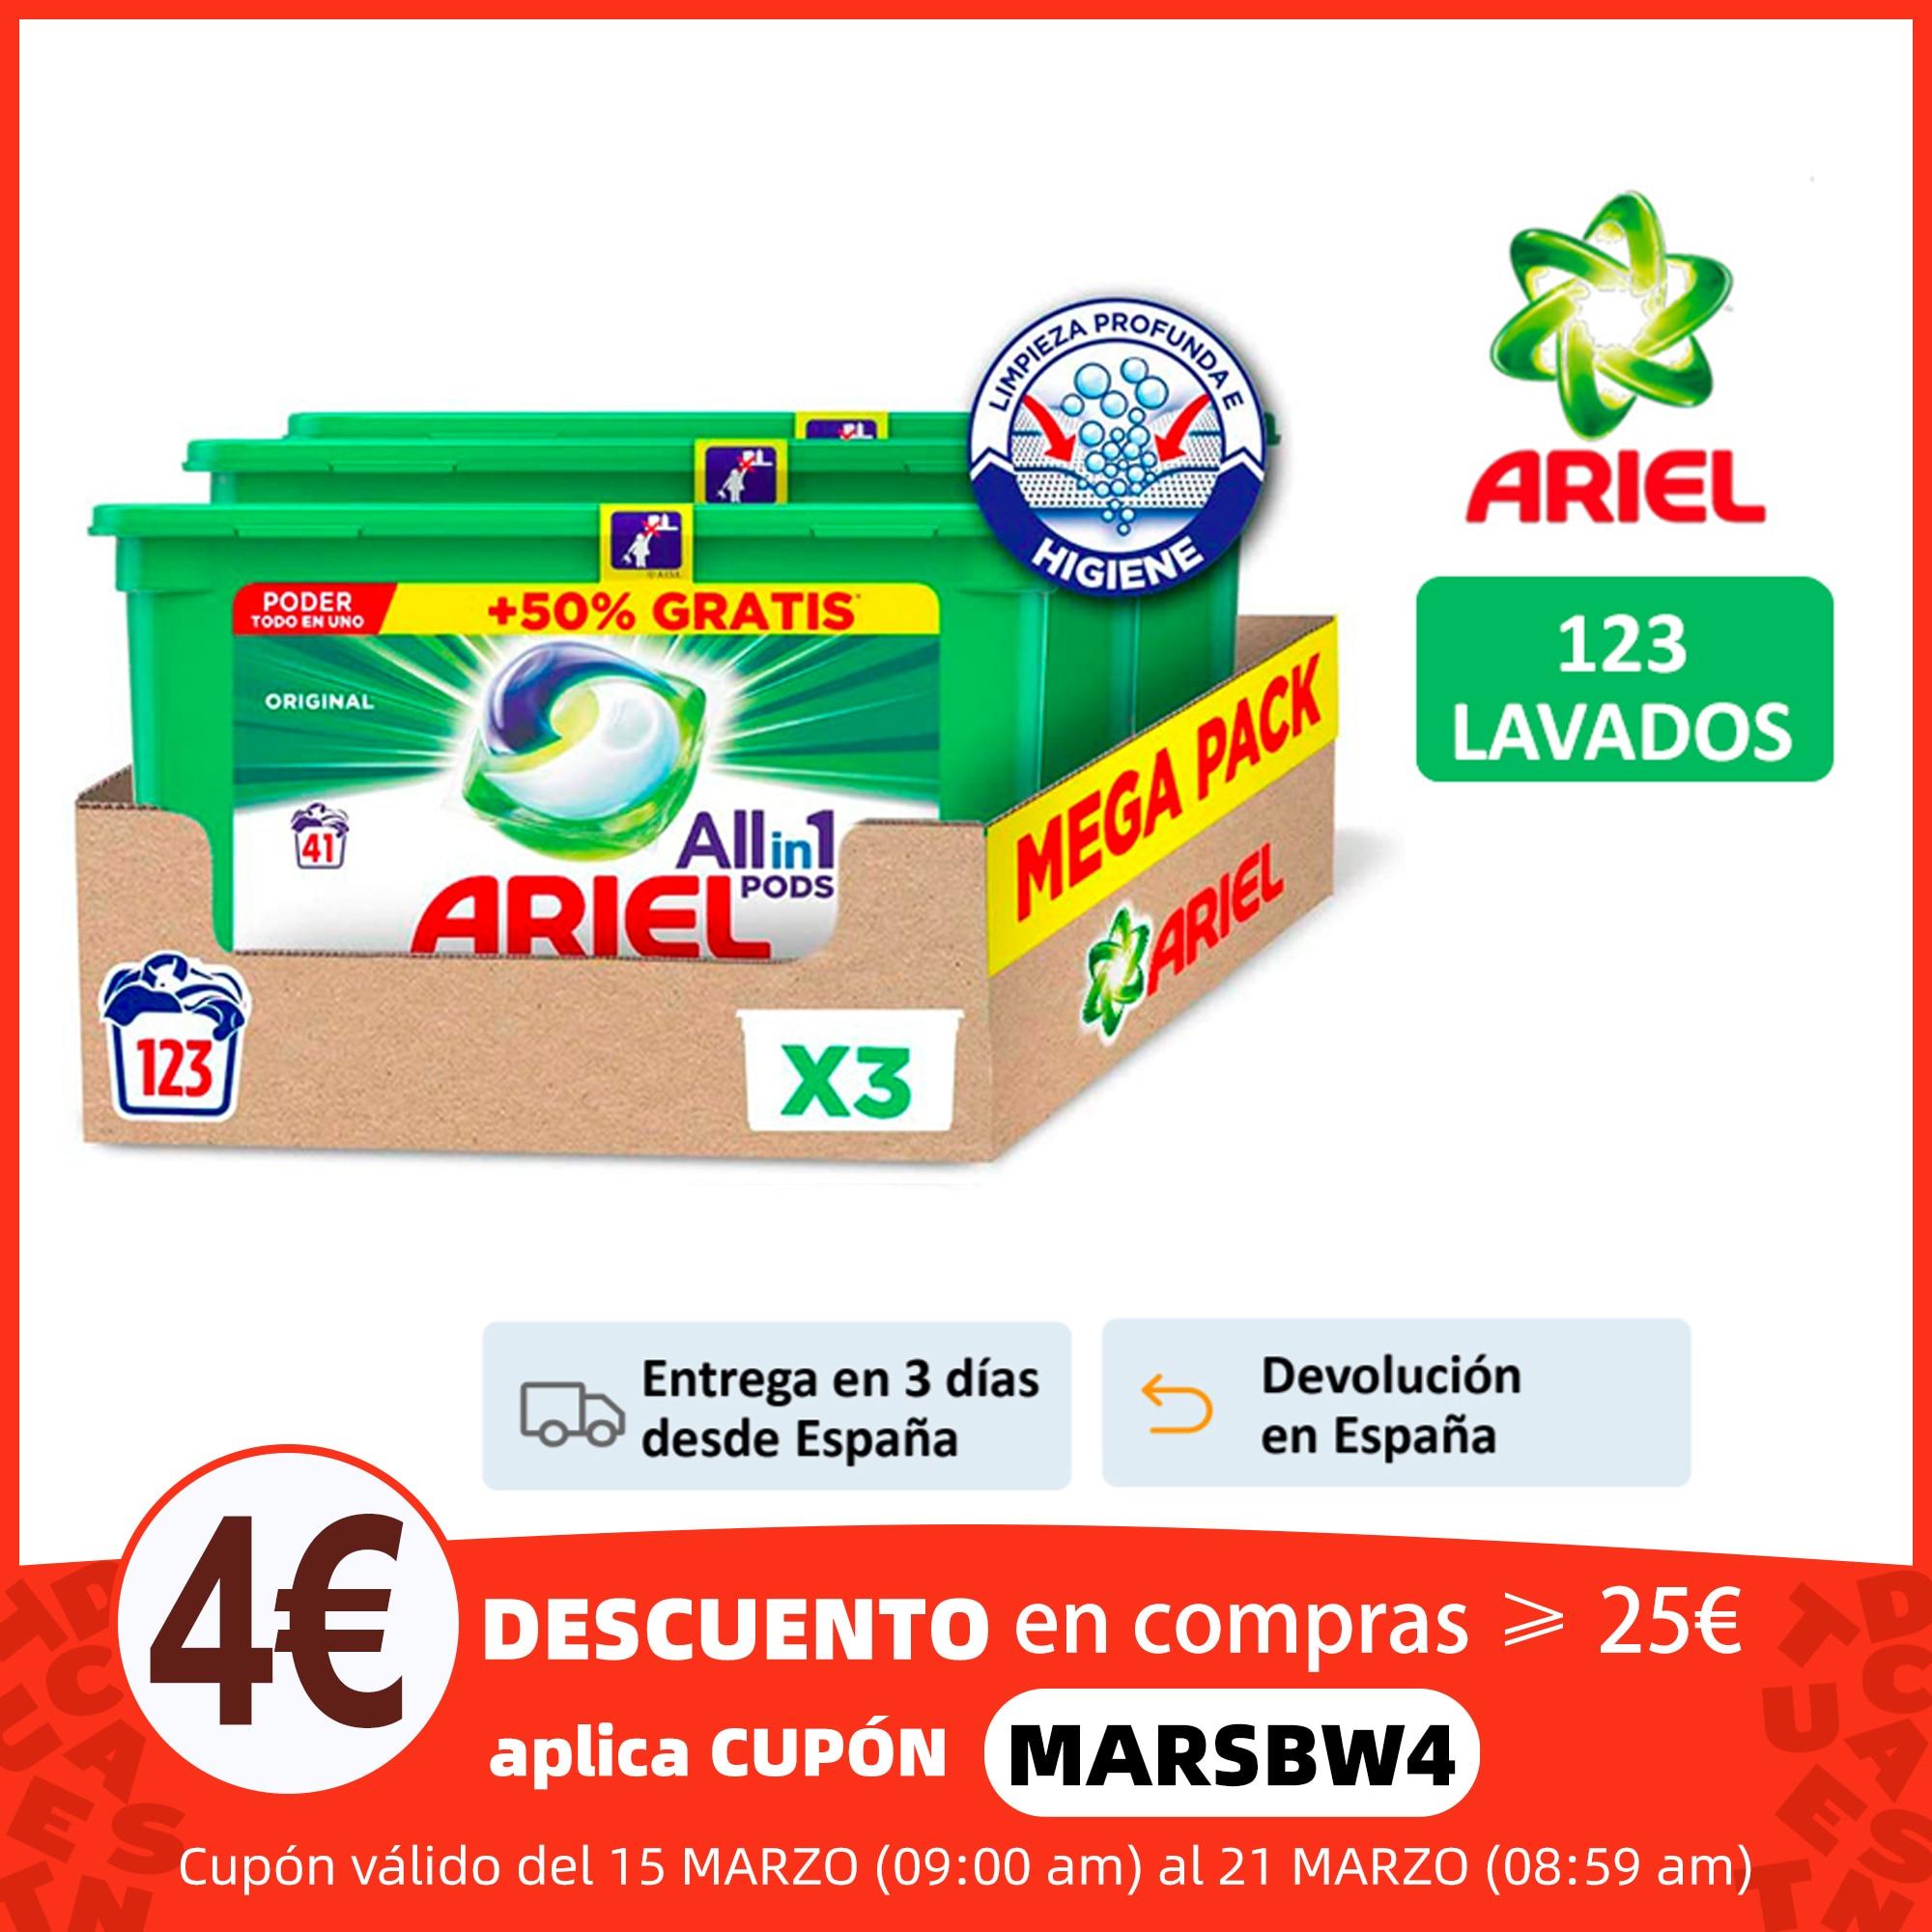 Ariel Allin1 Pods Original, 123 Lavados, Detergente Para la Ropa, 3 Paquetes de 41 Cápsulas,Poder De Limpieza y Perfume Duradero Detergente para ropa  - AliExpress